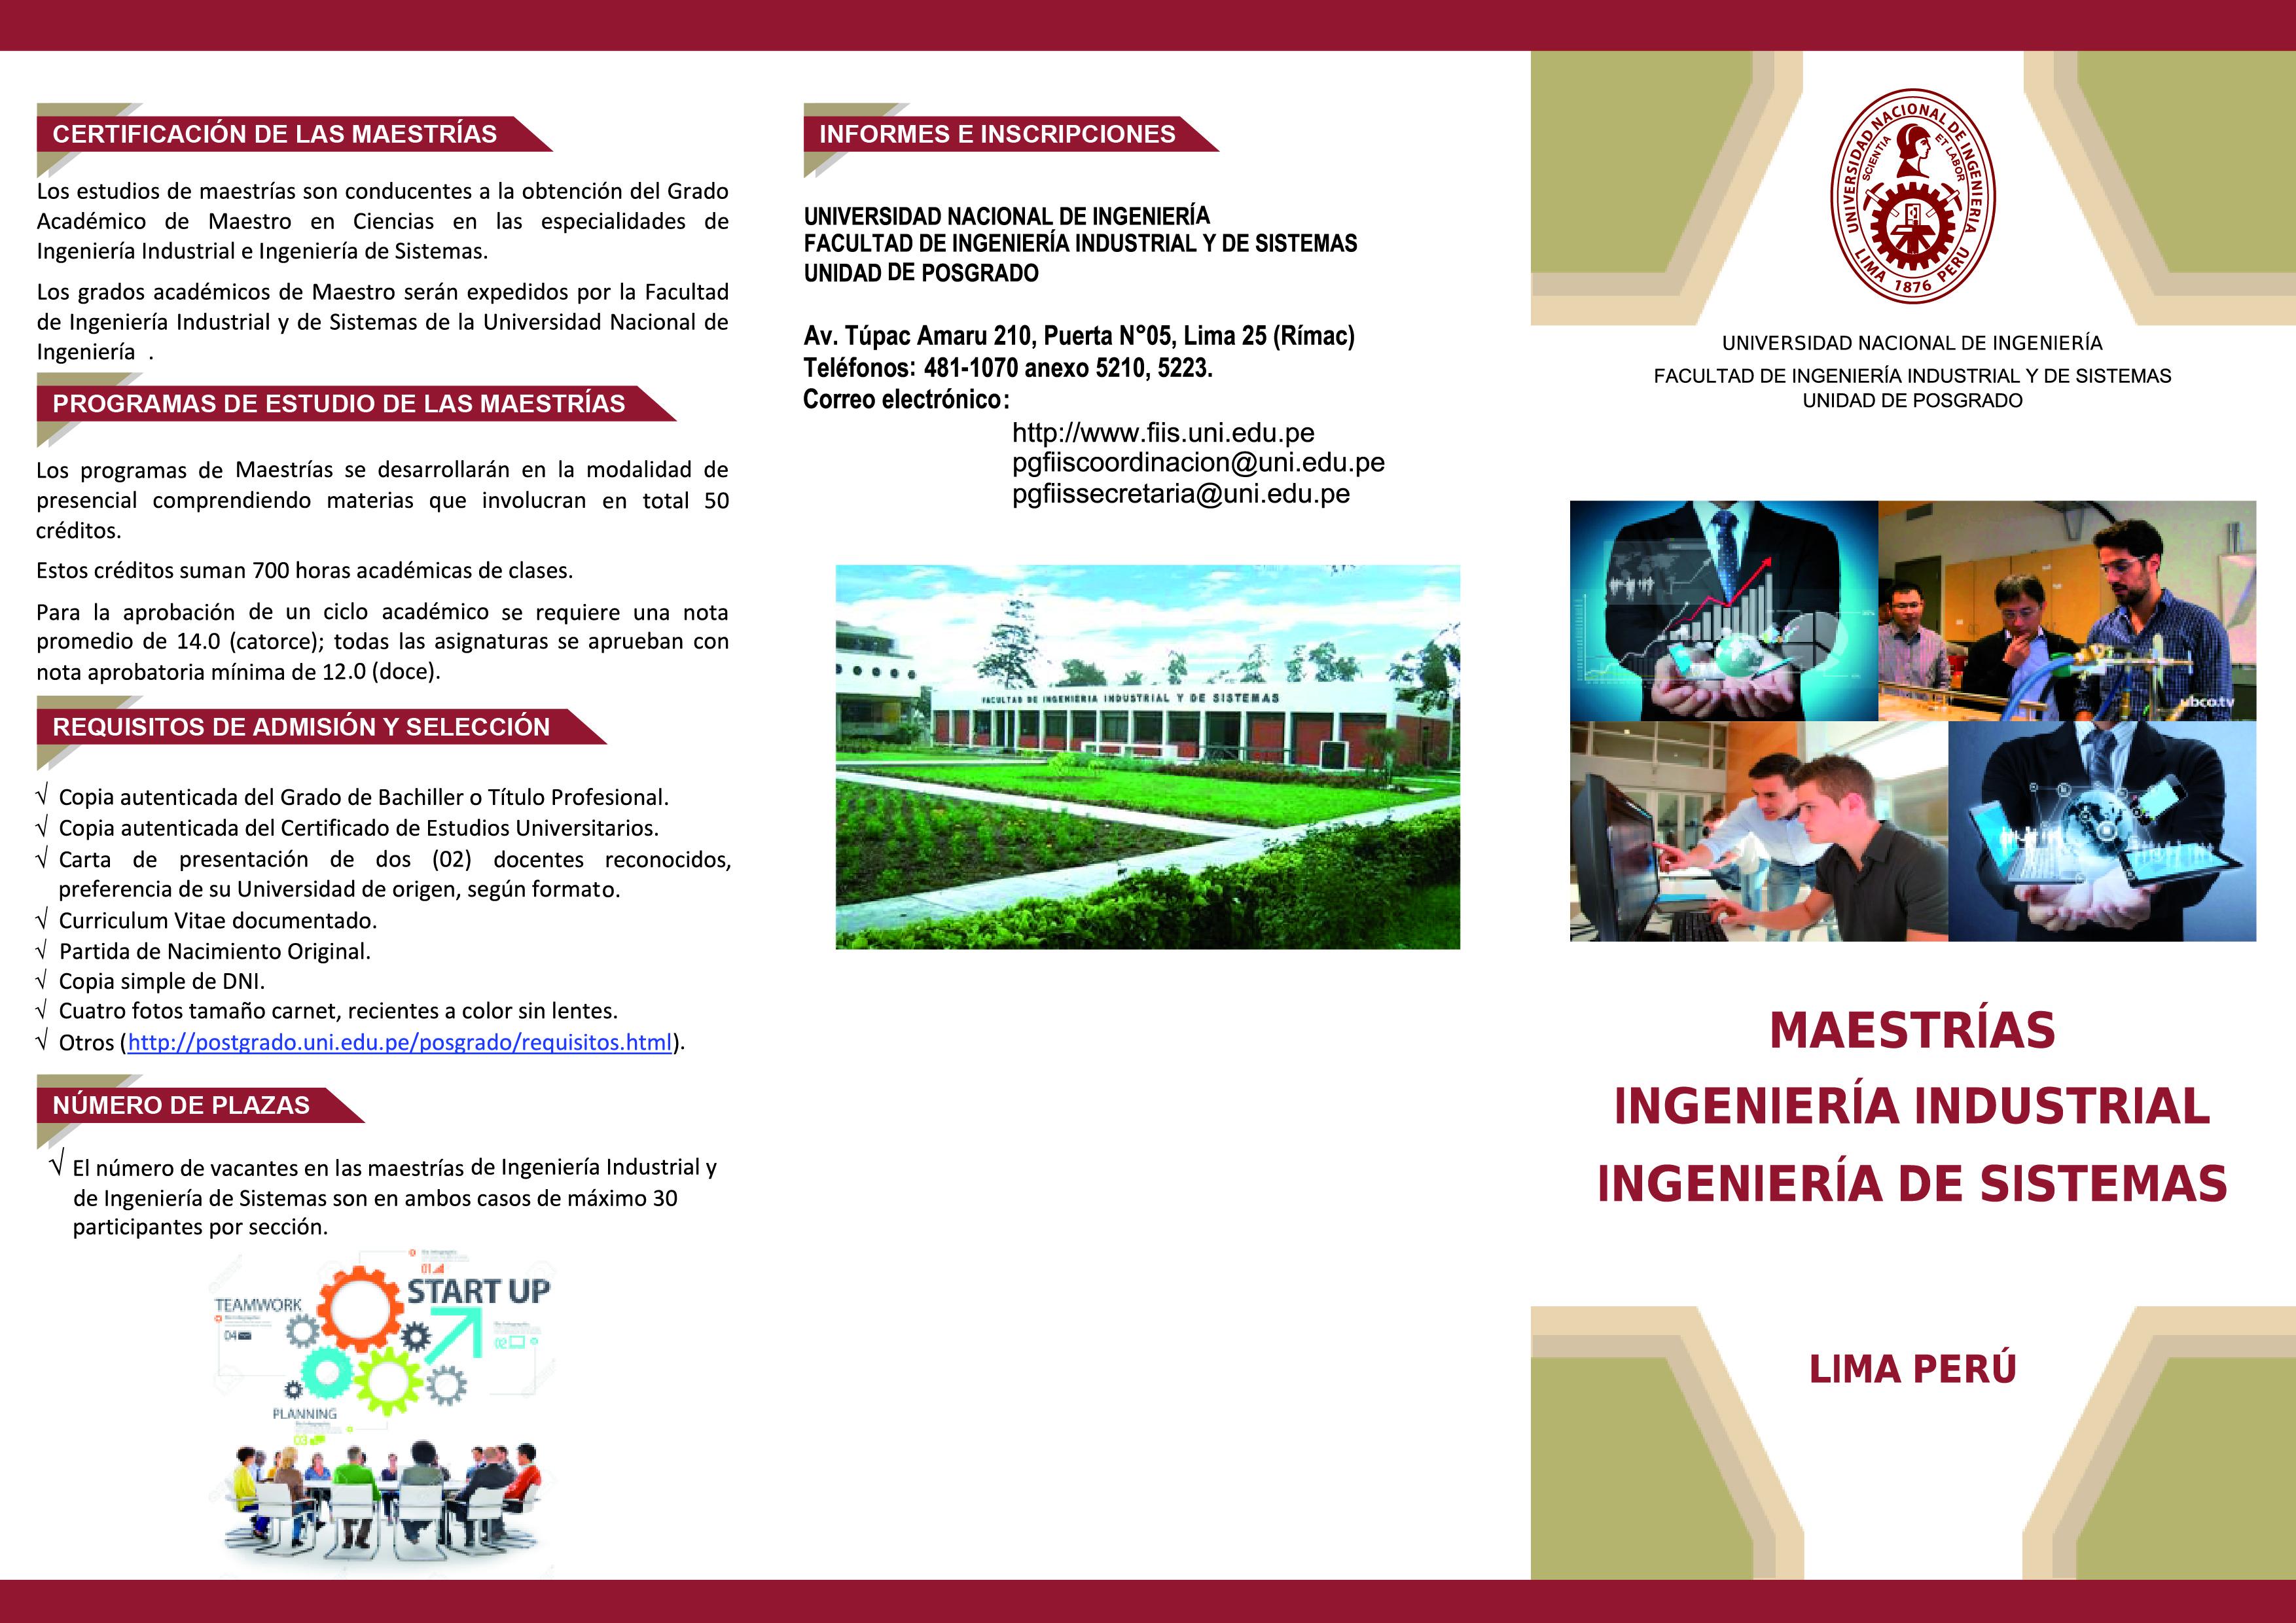 Universidad Nacional de Ingeniería - ADMISIÓN: MAESTRÍA FACULTAD DE ...